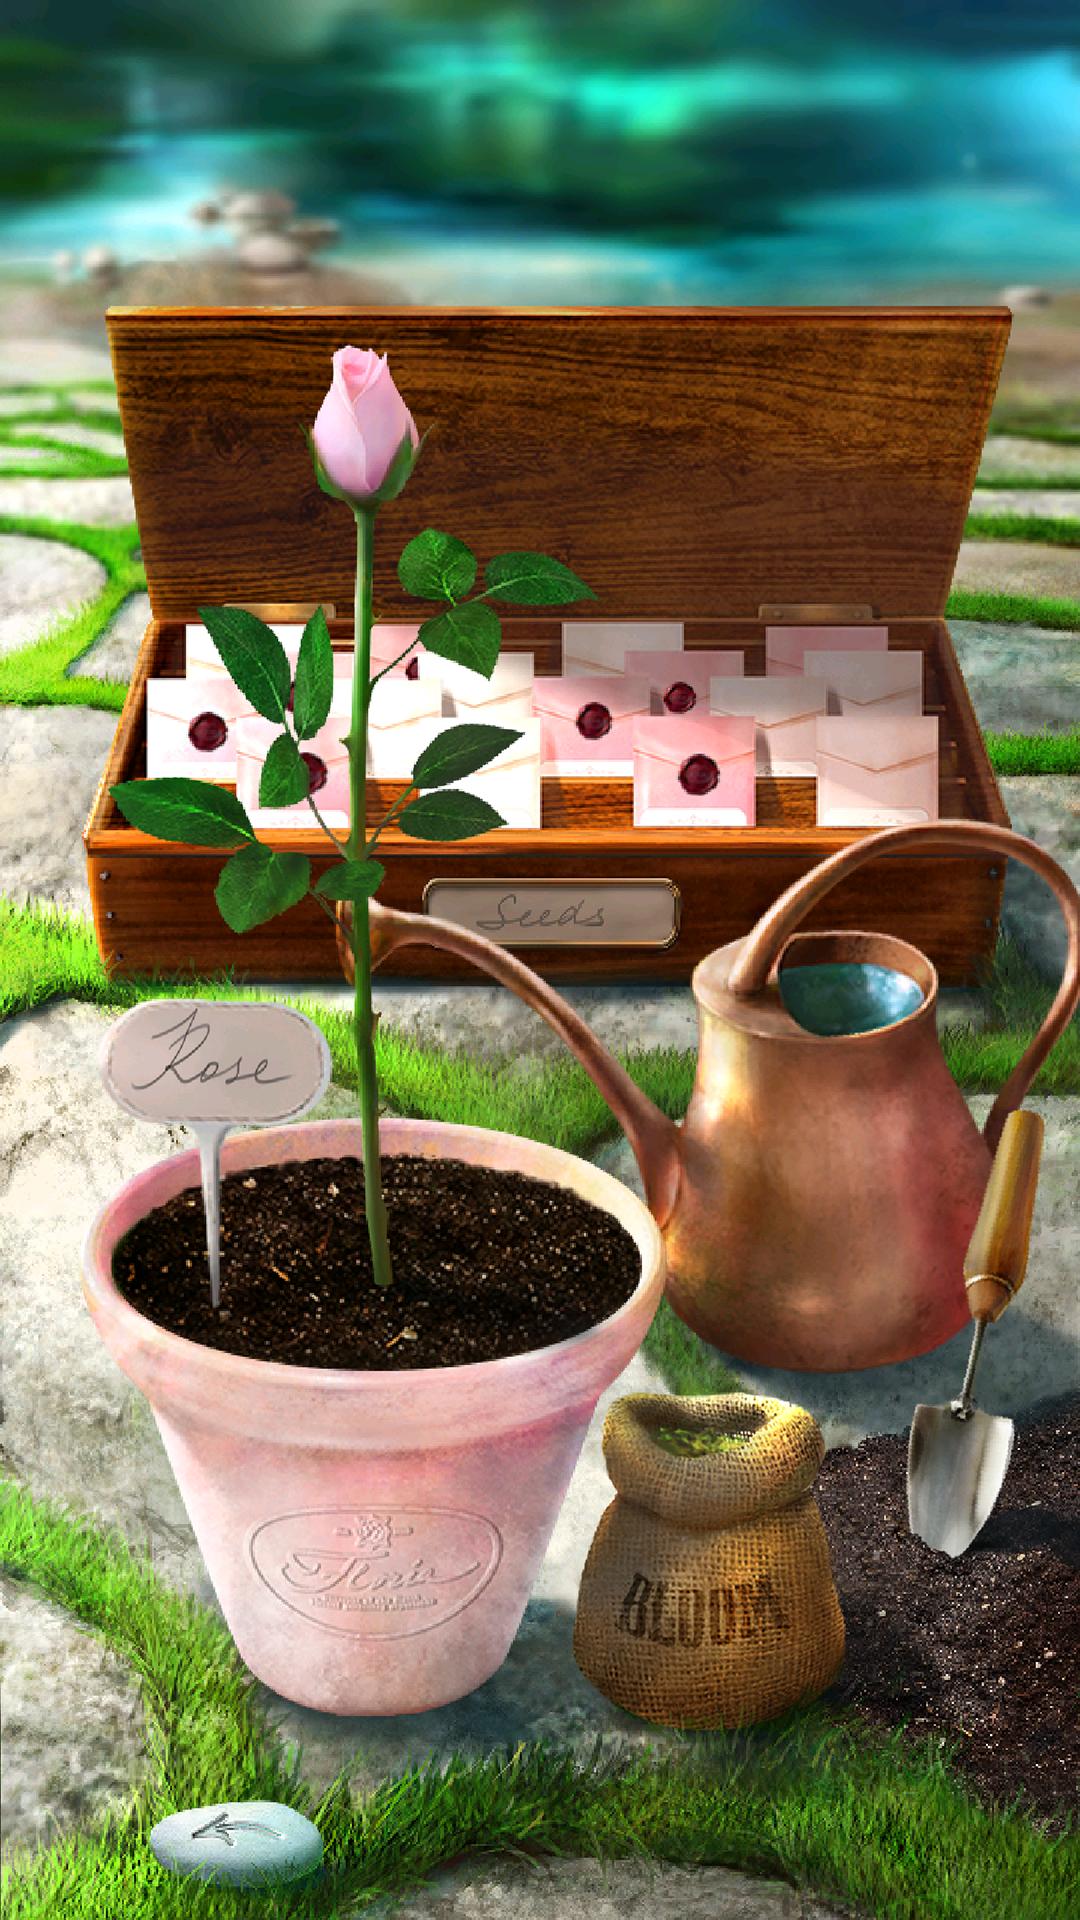 Floria icon3